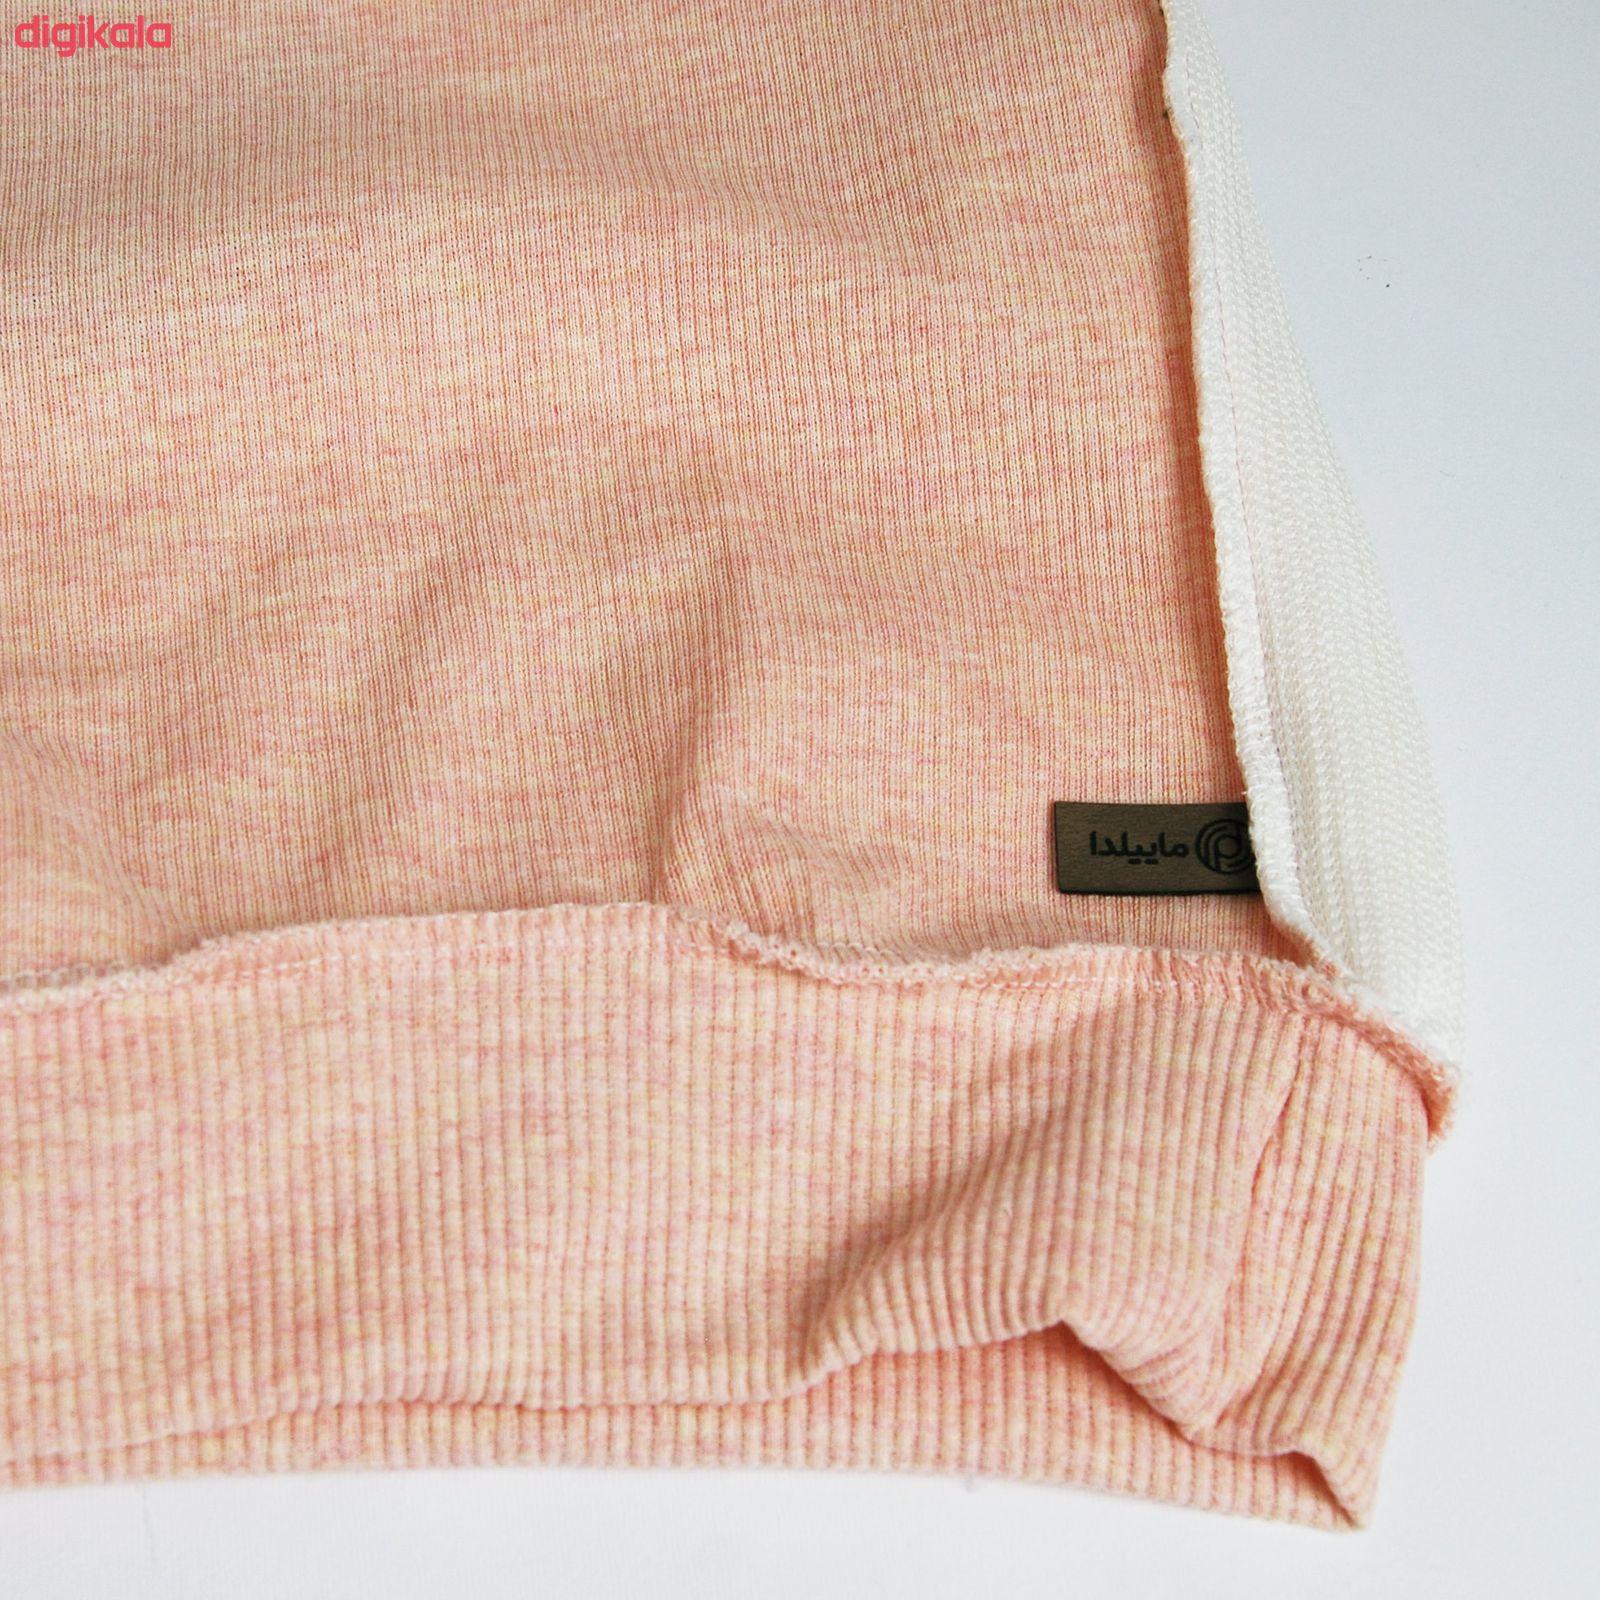 ست تی شرت و شلوار زنانه ماییلدا مدل 3531-4 main 1 5